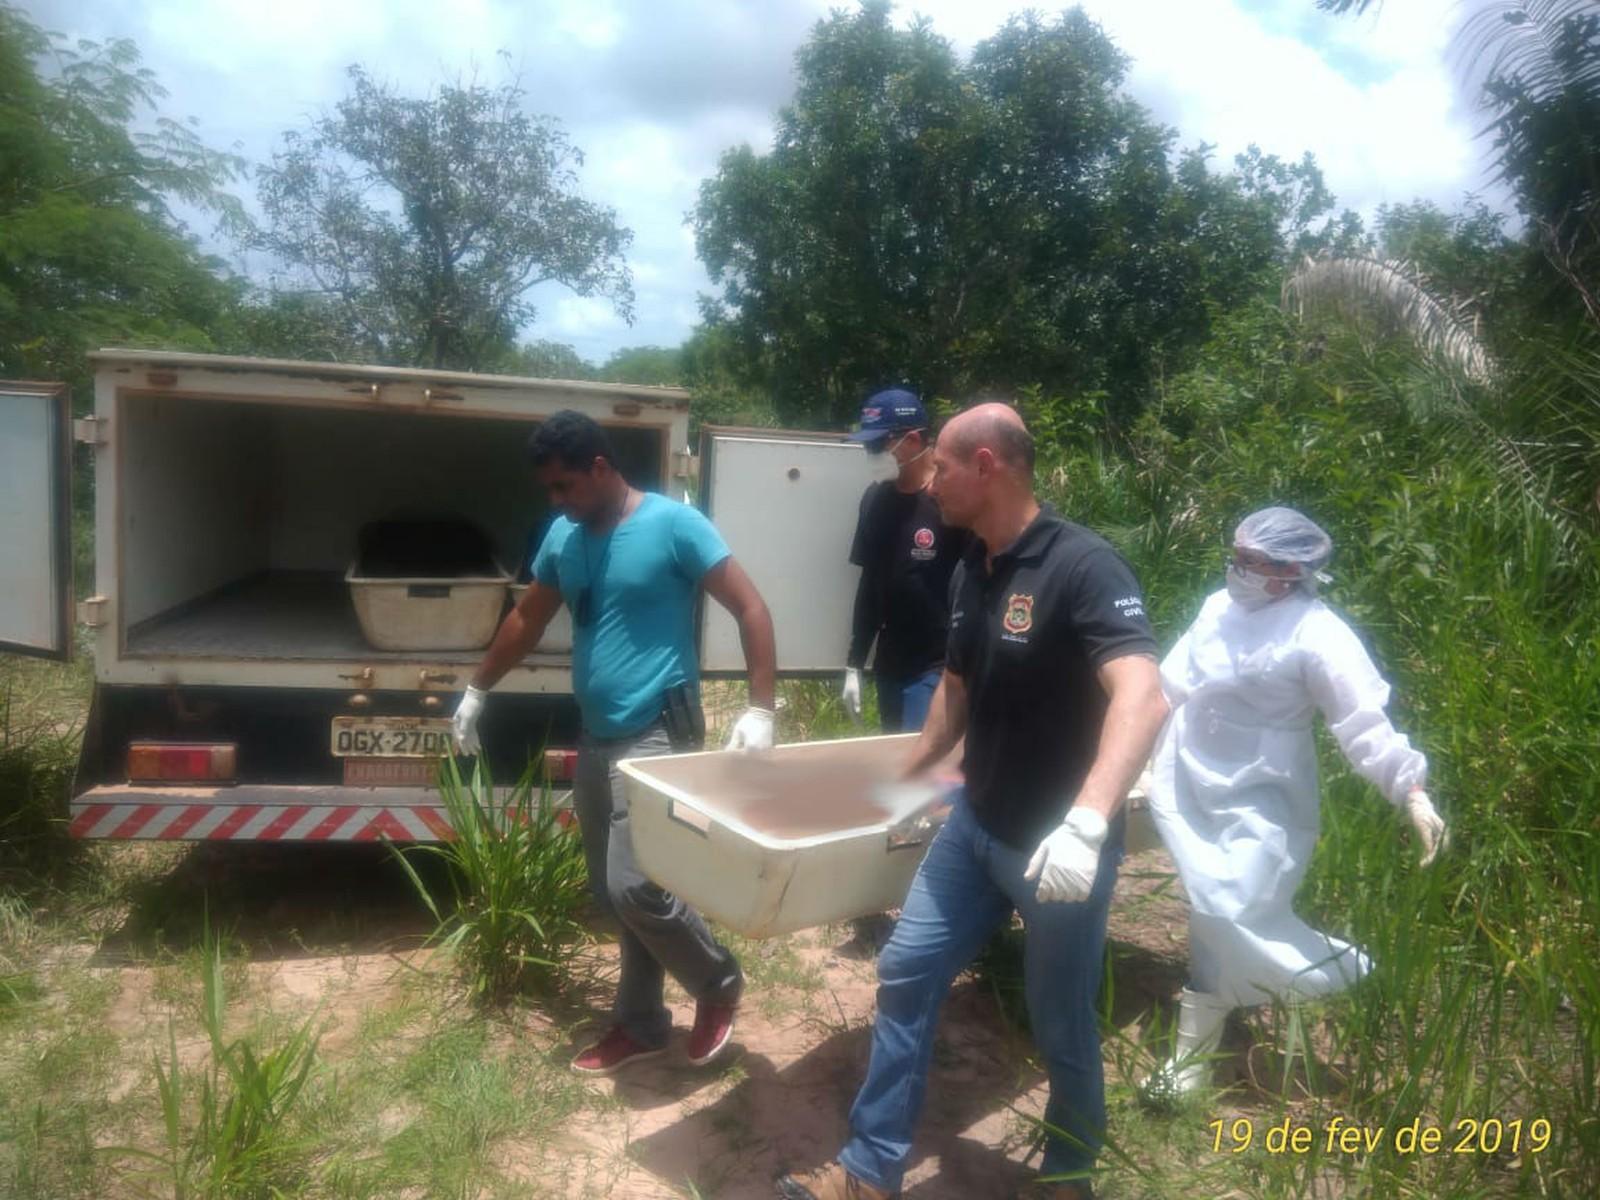 Três corpos em decomposição são encontrados pela polícia próximo de ferrovia em Guaraí